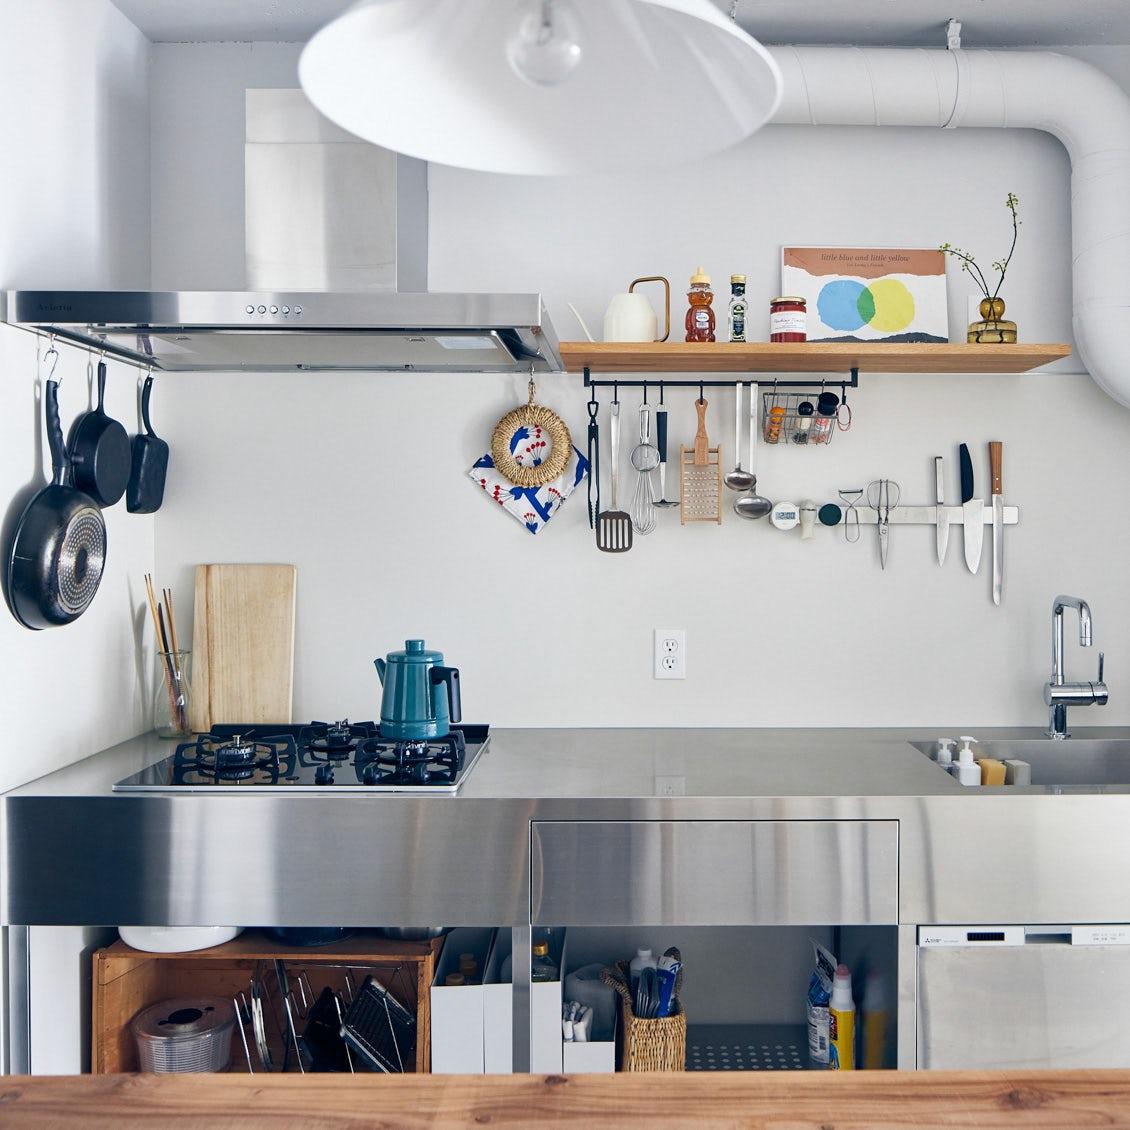 【スタッフのお宅訪問】第2話:丸見えになるからお気に入りは譲れない。キッチンのはなし